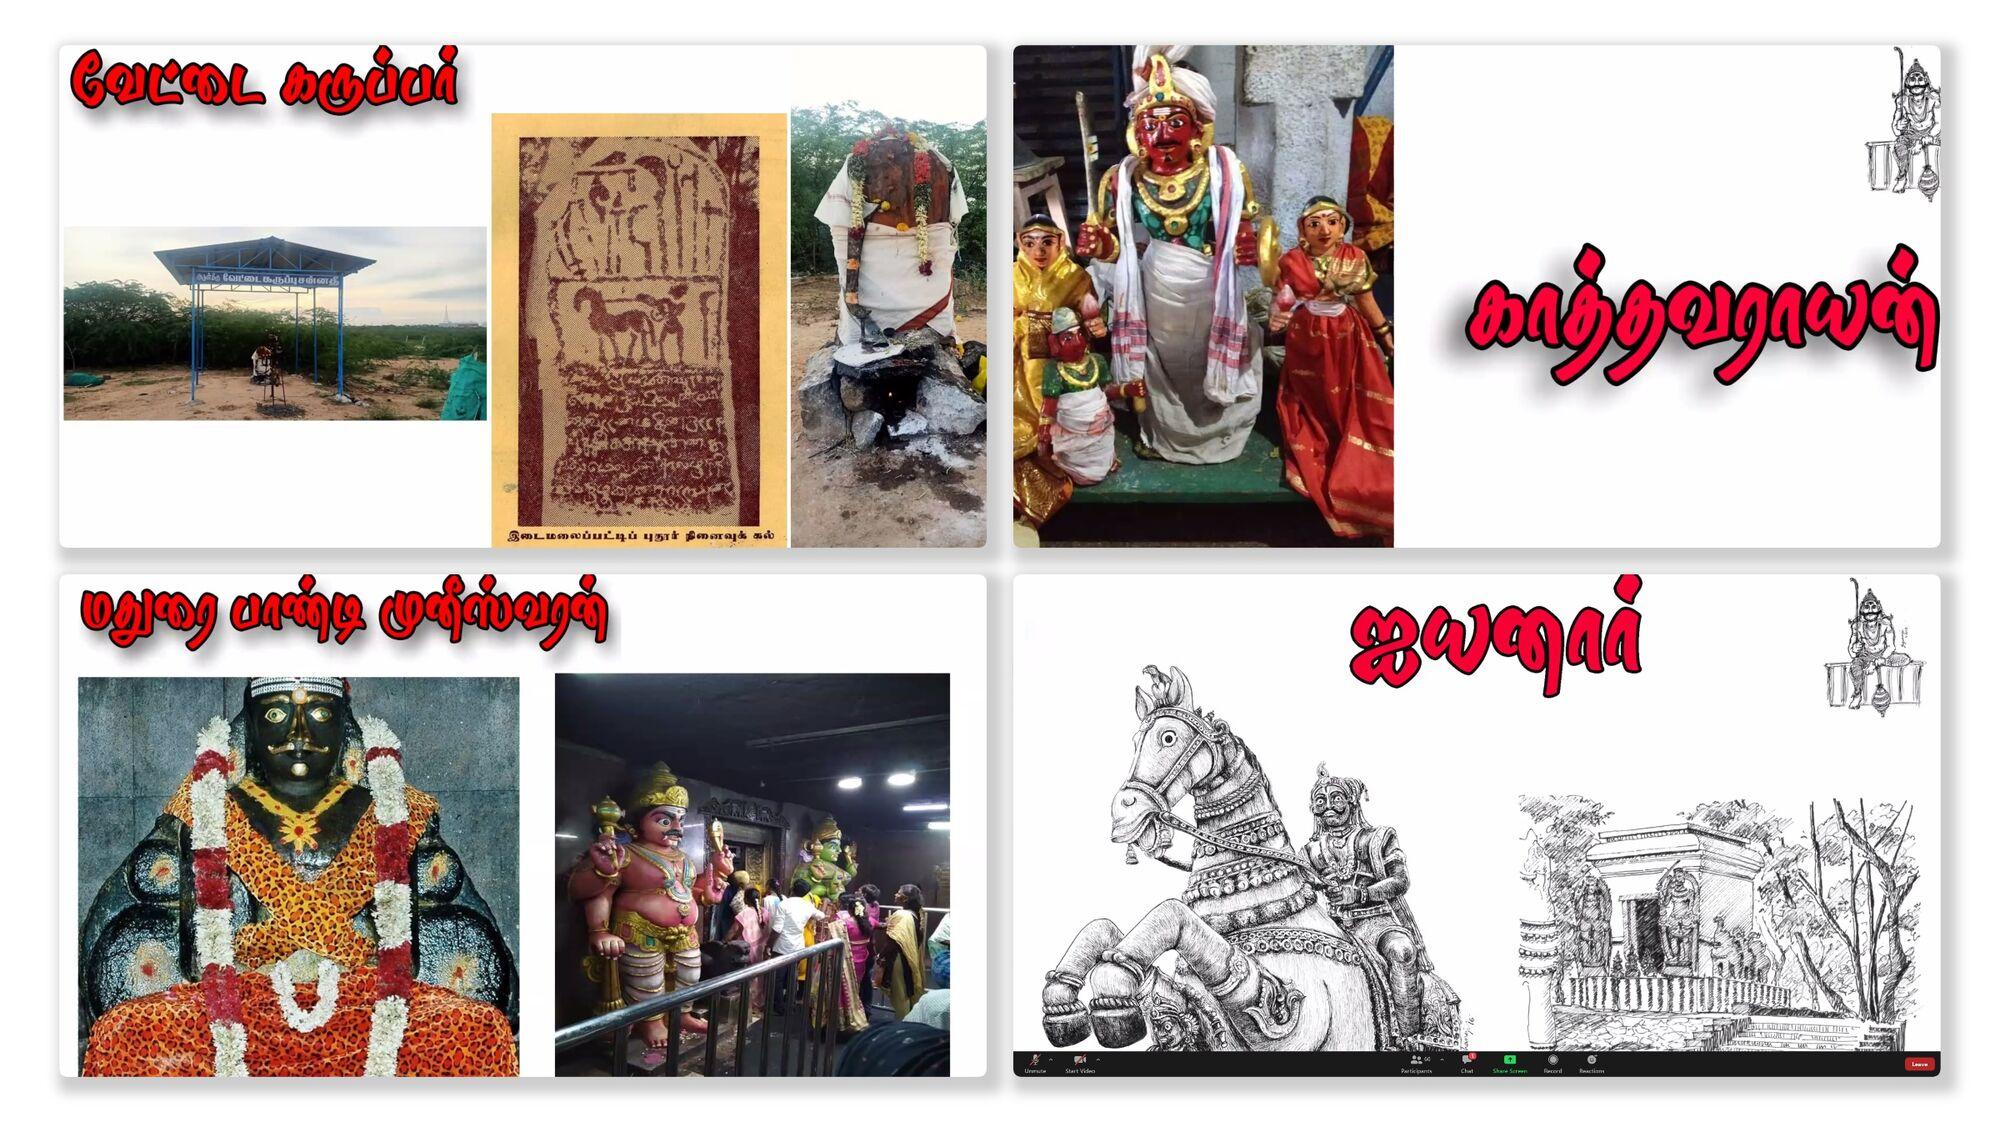 வேட்டை கருப்பர், காத்தவராயன், மதுரை பாண்டி முனீஸ்வரன், ஐயனார்